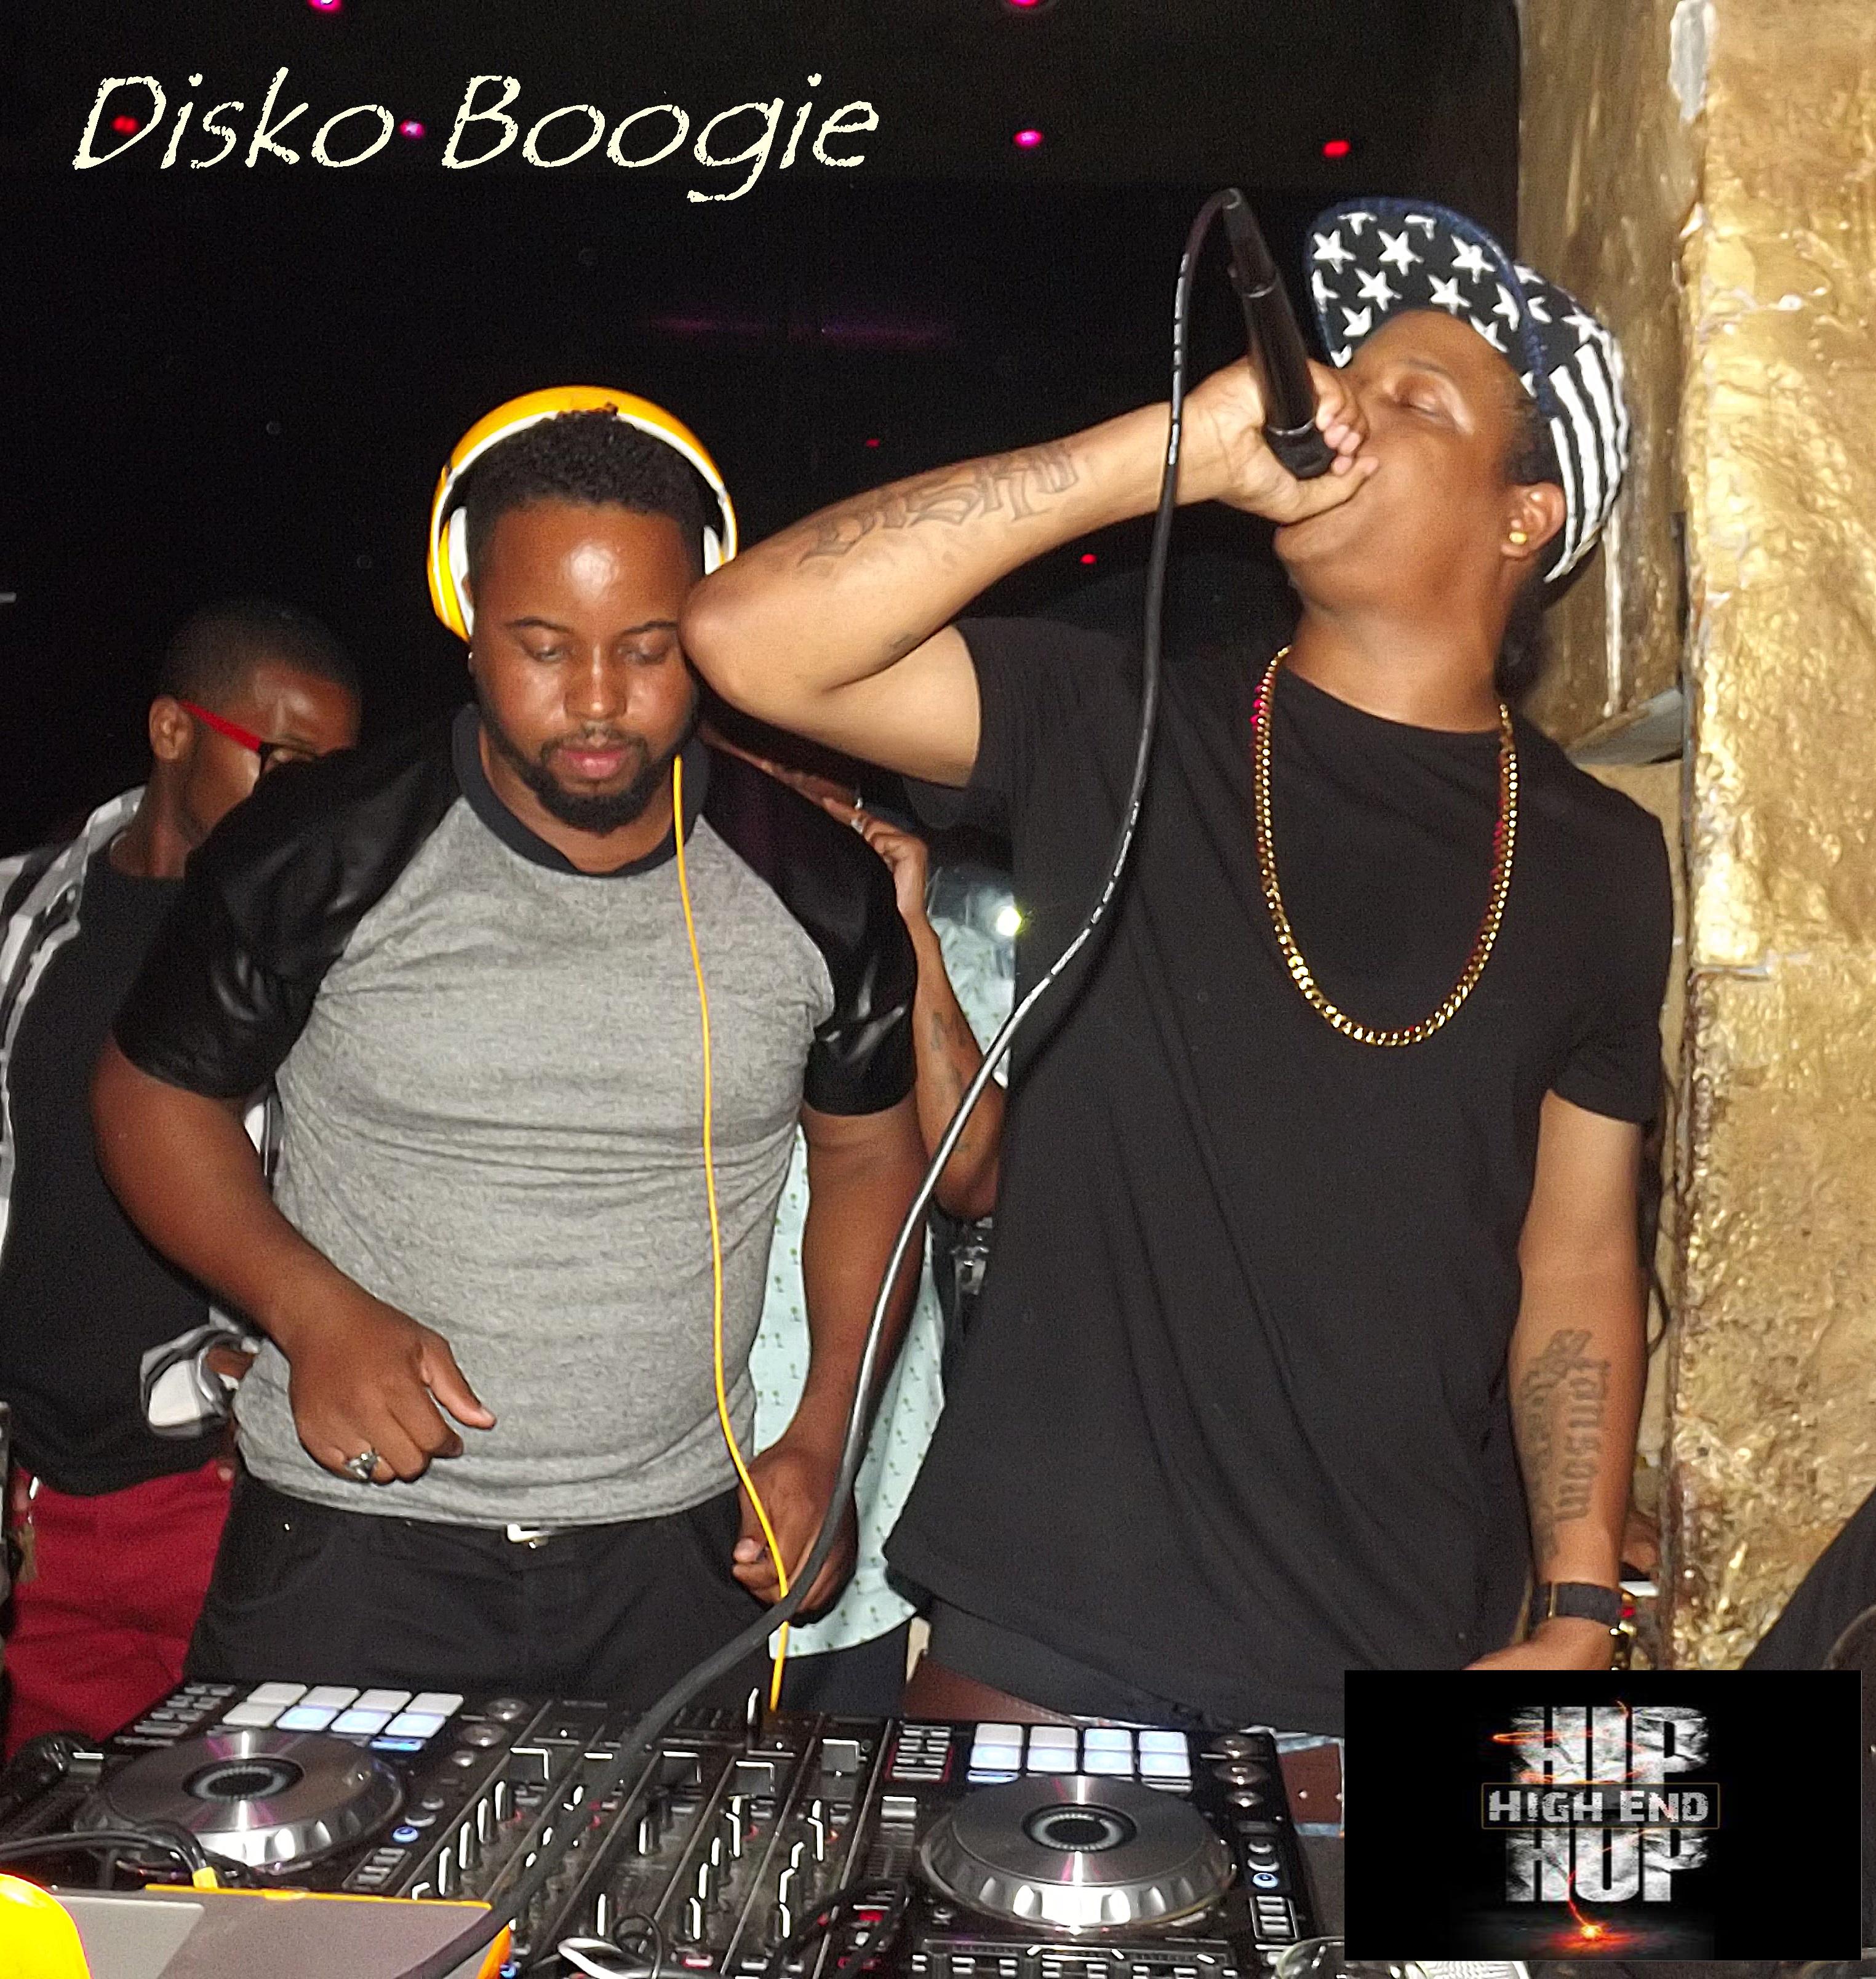 Disko Boogie